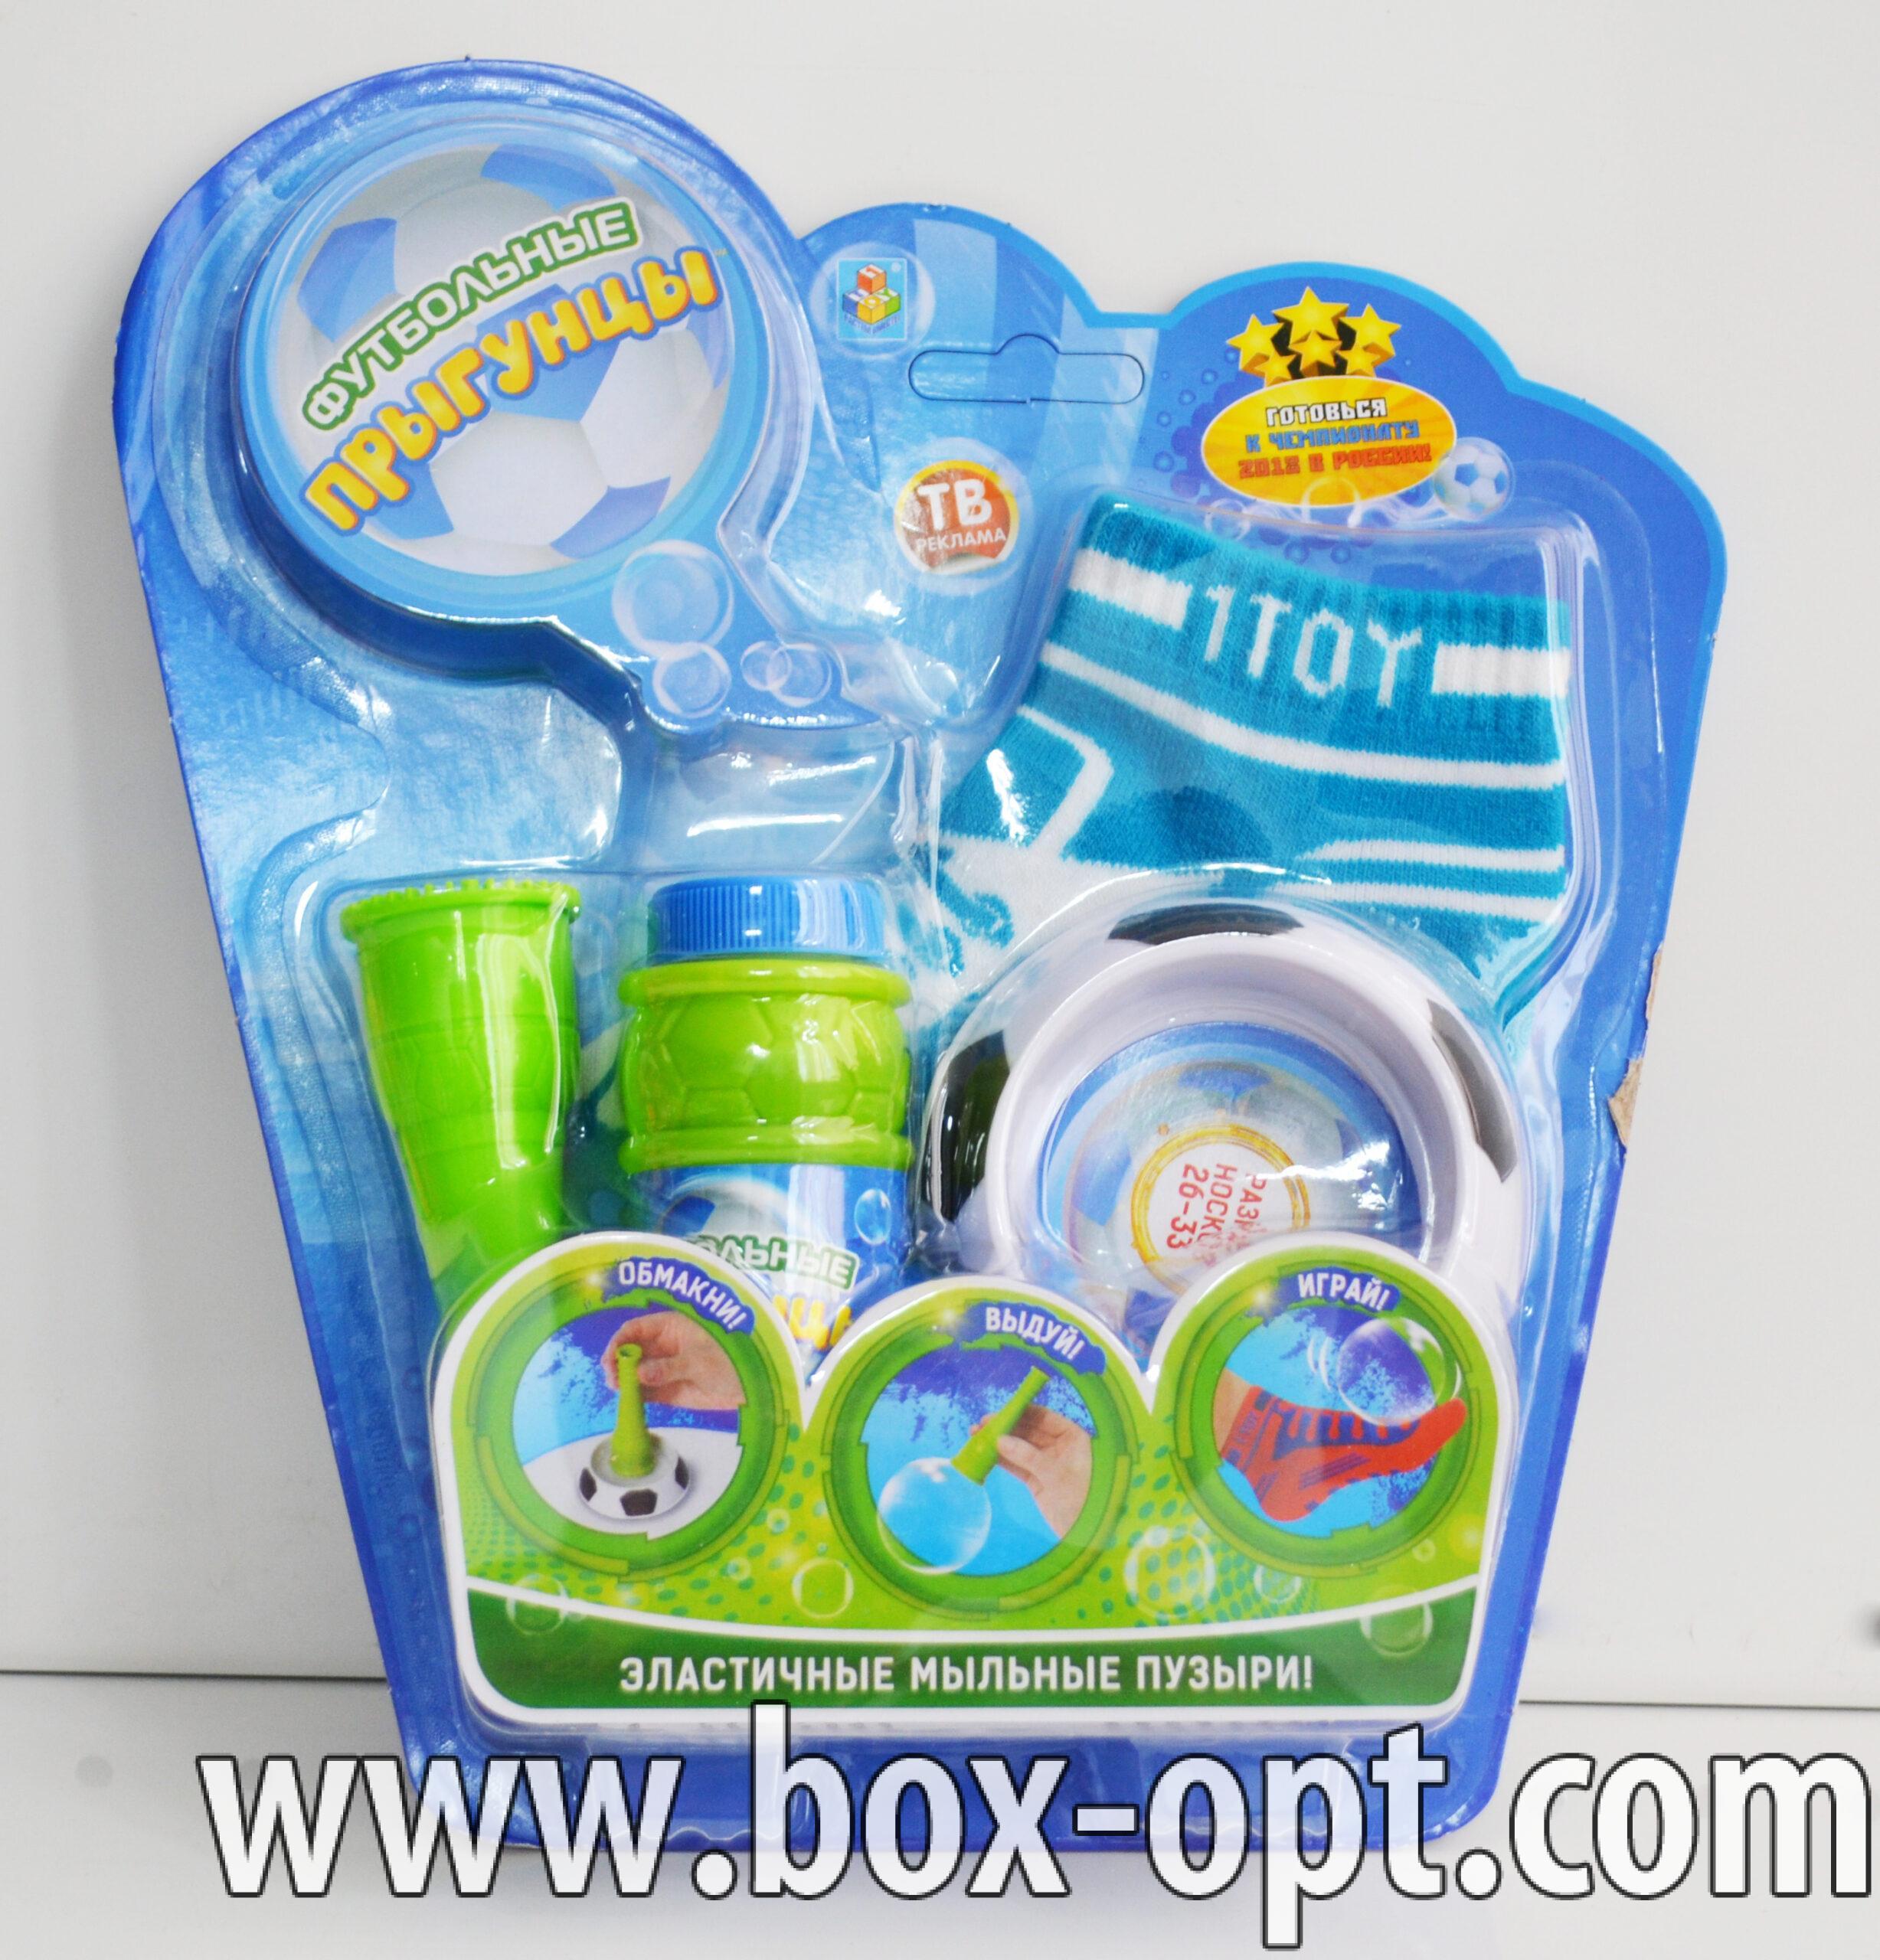 Мыльные пузыри Футбольные Прыгунцы (пузыри с носками)